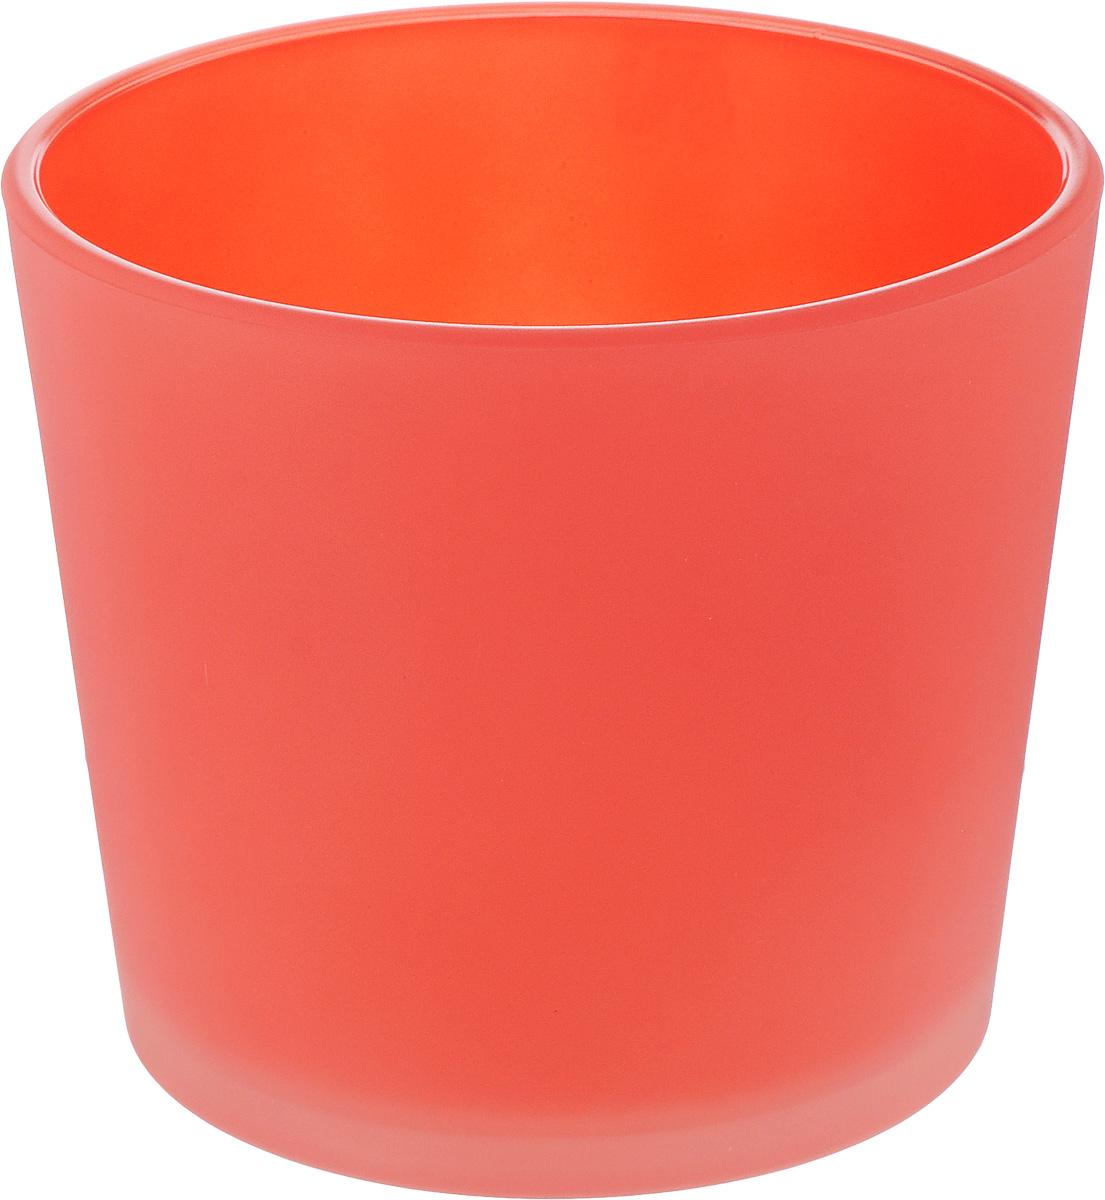 Кашпо NiNaGlass, цвет: коралловый, высота 12 см531-402Кашпо NiNaGlass имеет уникальную форму, сочетающуюся как с классическим, так и с современным дизайном интерьера. Оно изготовлено из высококачественного стекла и предназначено для выращивания растений, цветов и трав в домашних условиях. Кашпо NiNaGlass порадует вас функциональностью, а благодаря лаконичному дизайну впишется в любой интерьер помещения. Диаметр кашпо (по верхнему краю): 14 см.Высота кашпо: 12 см.